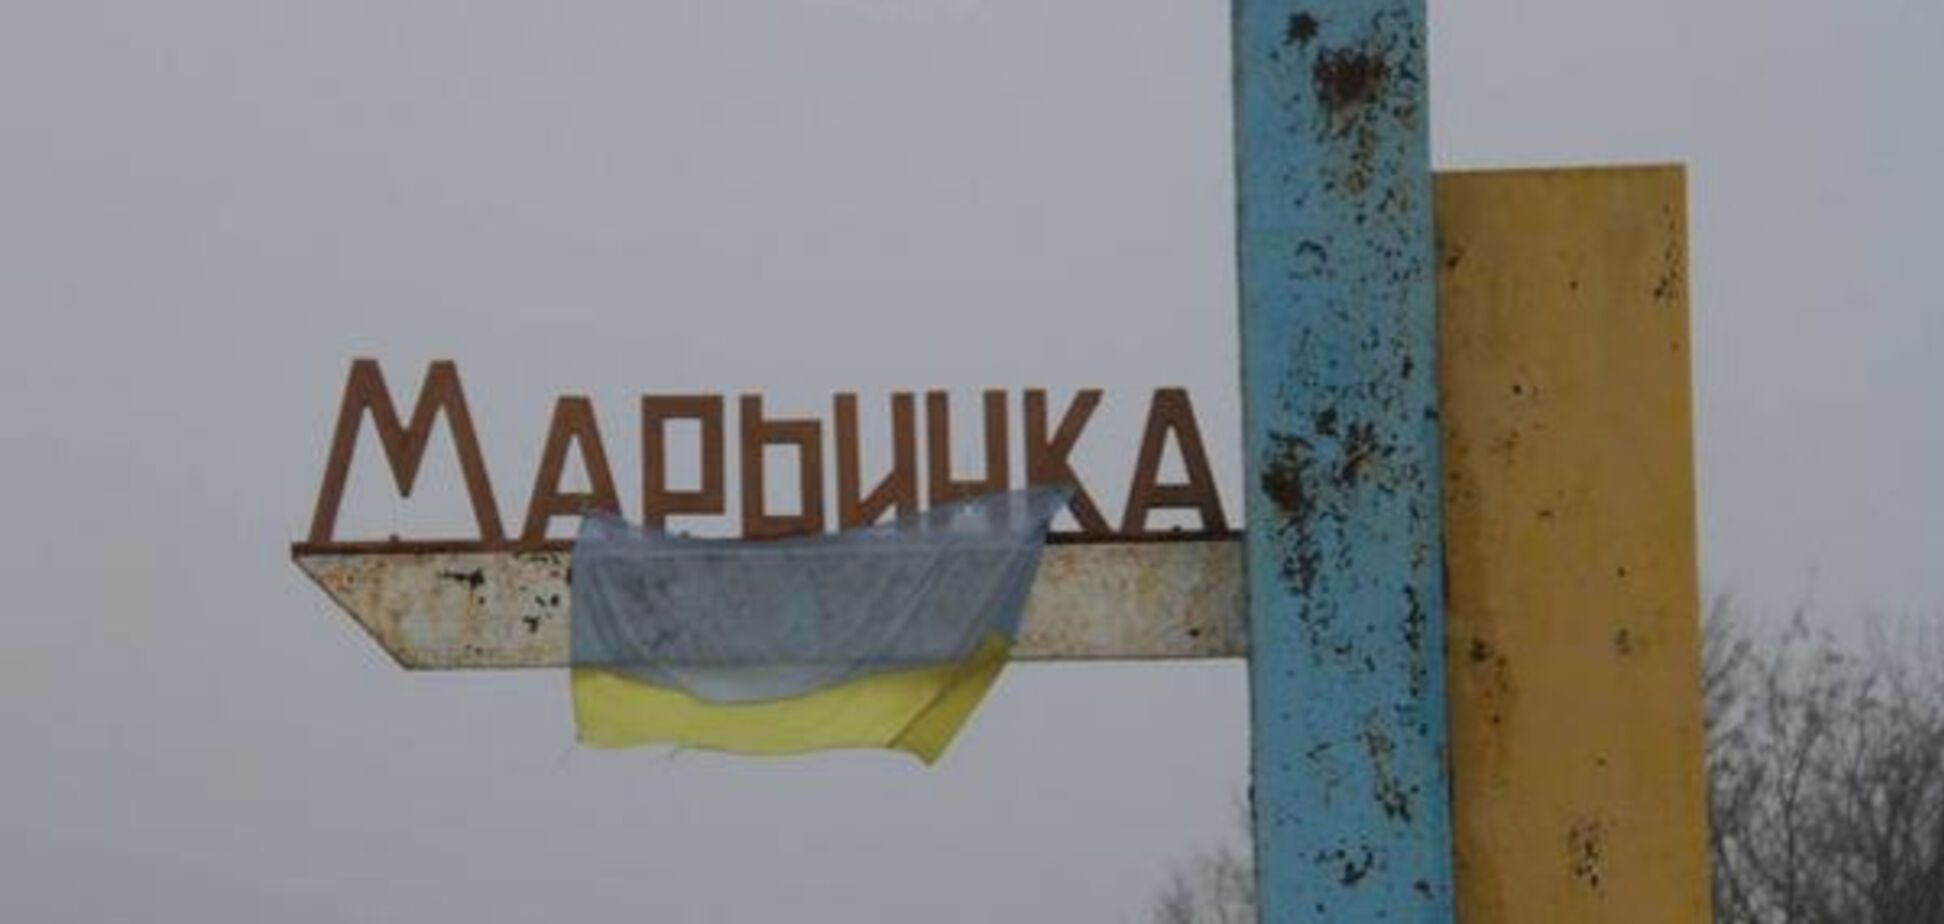 Гибель двух бойцов ВСУ под Марьинкой: названа официальная версия следствия